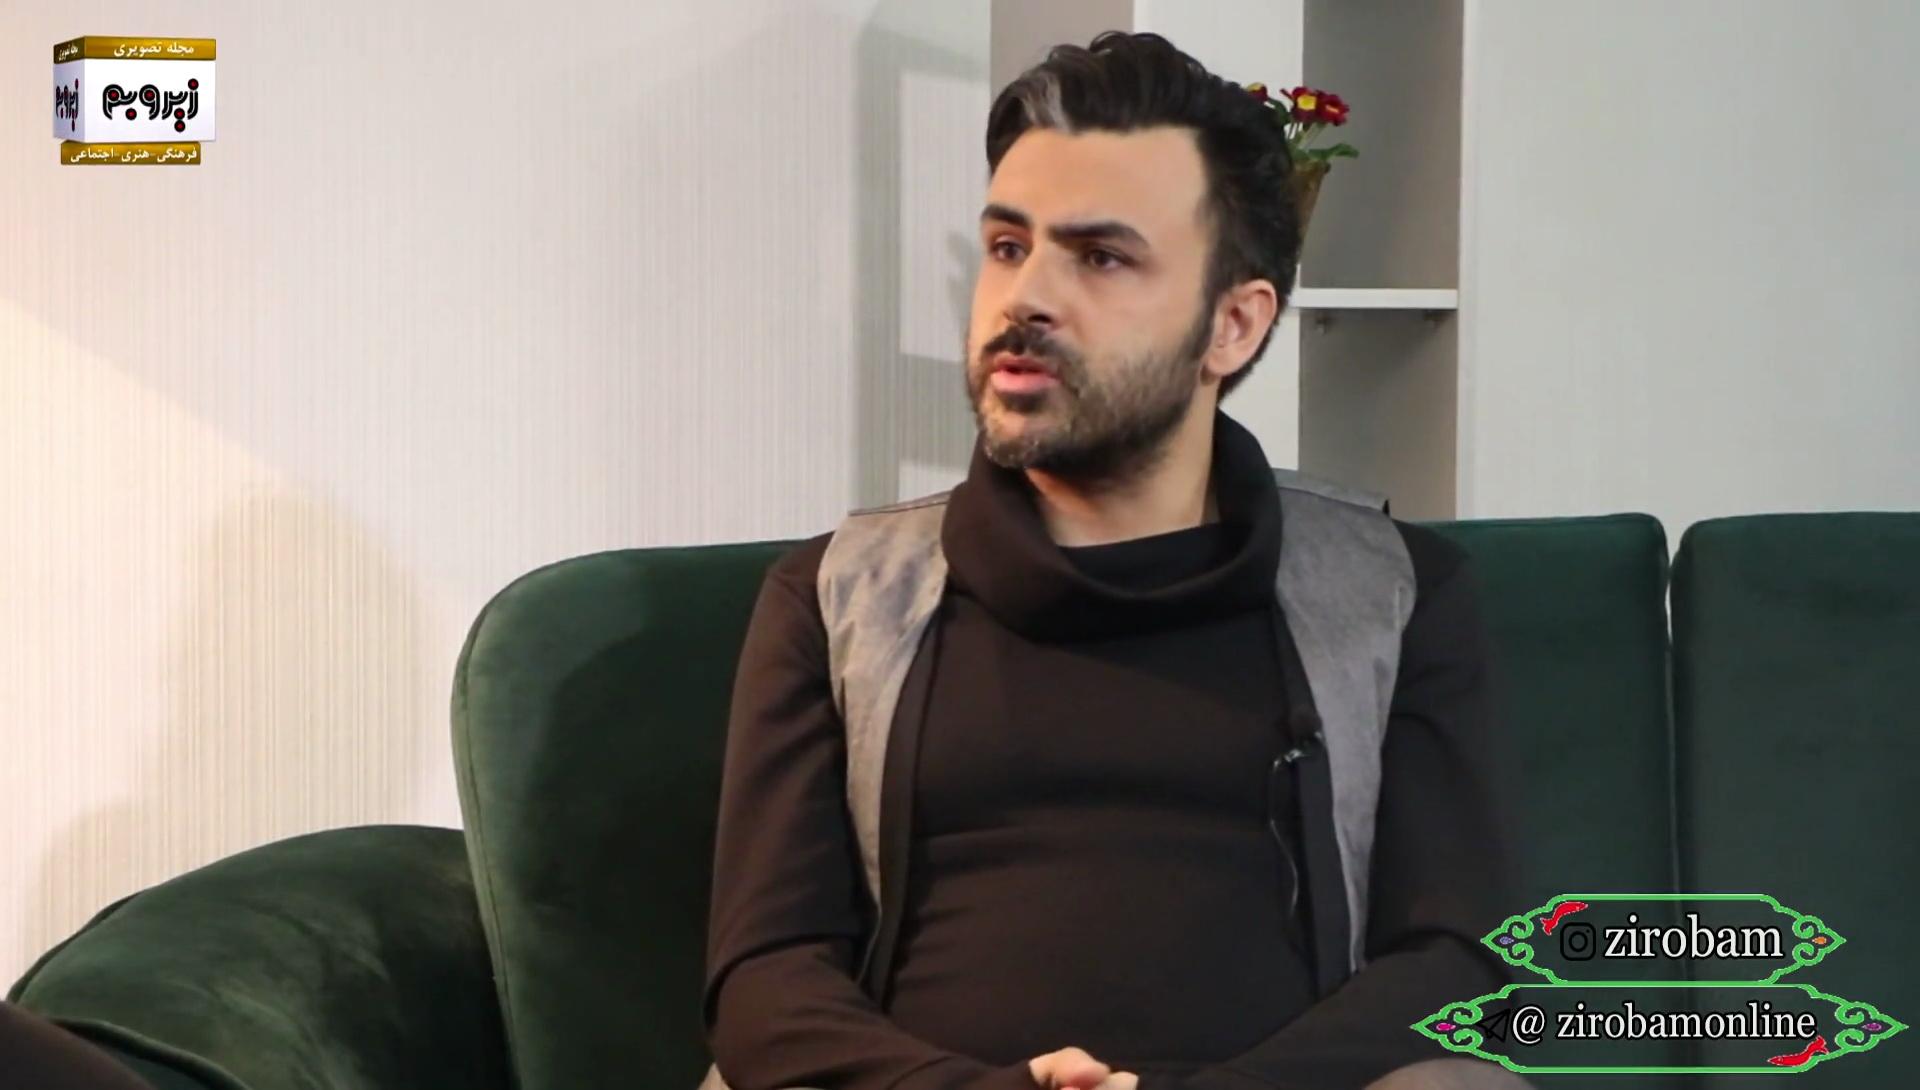 ویژه برنامه نوروز97 «بهار آوردیم»: گفتگو با علی مولایی